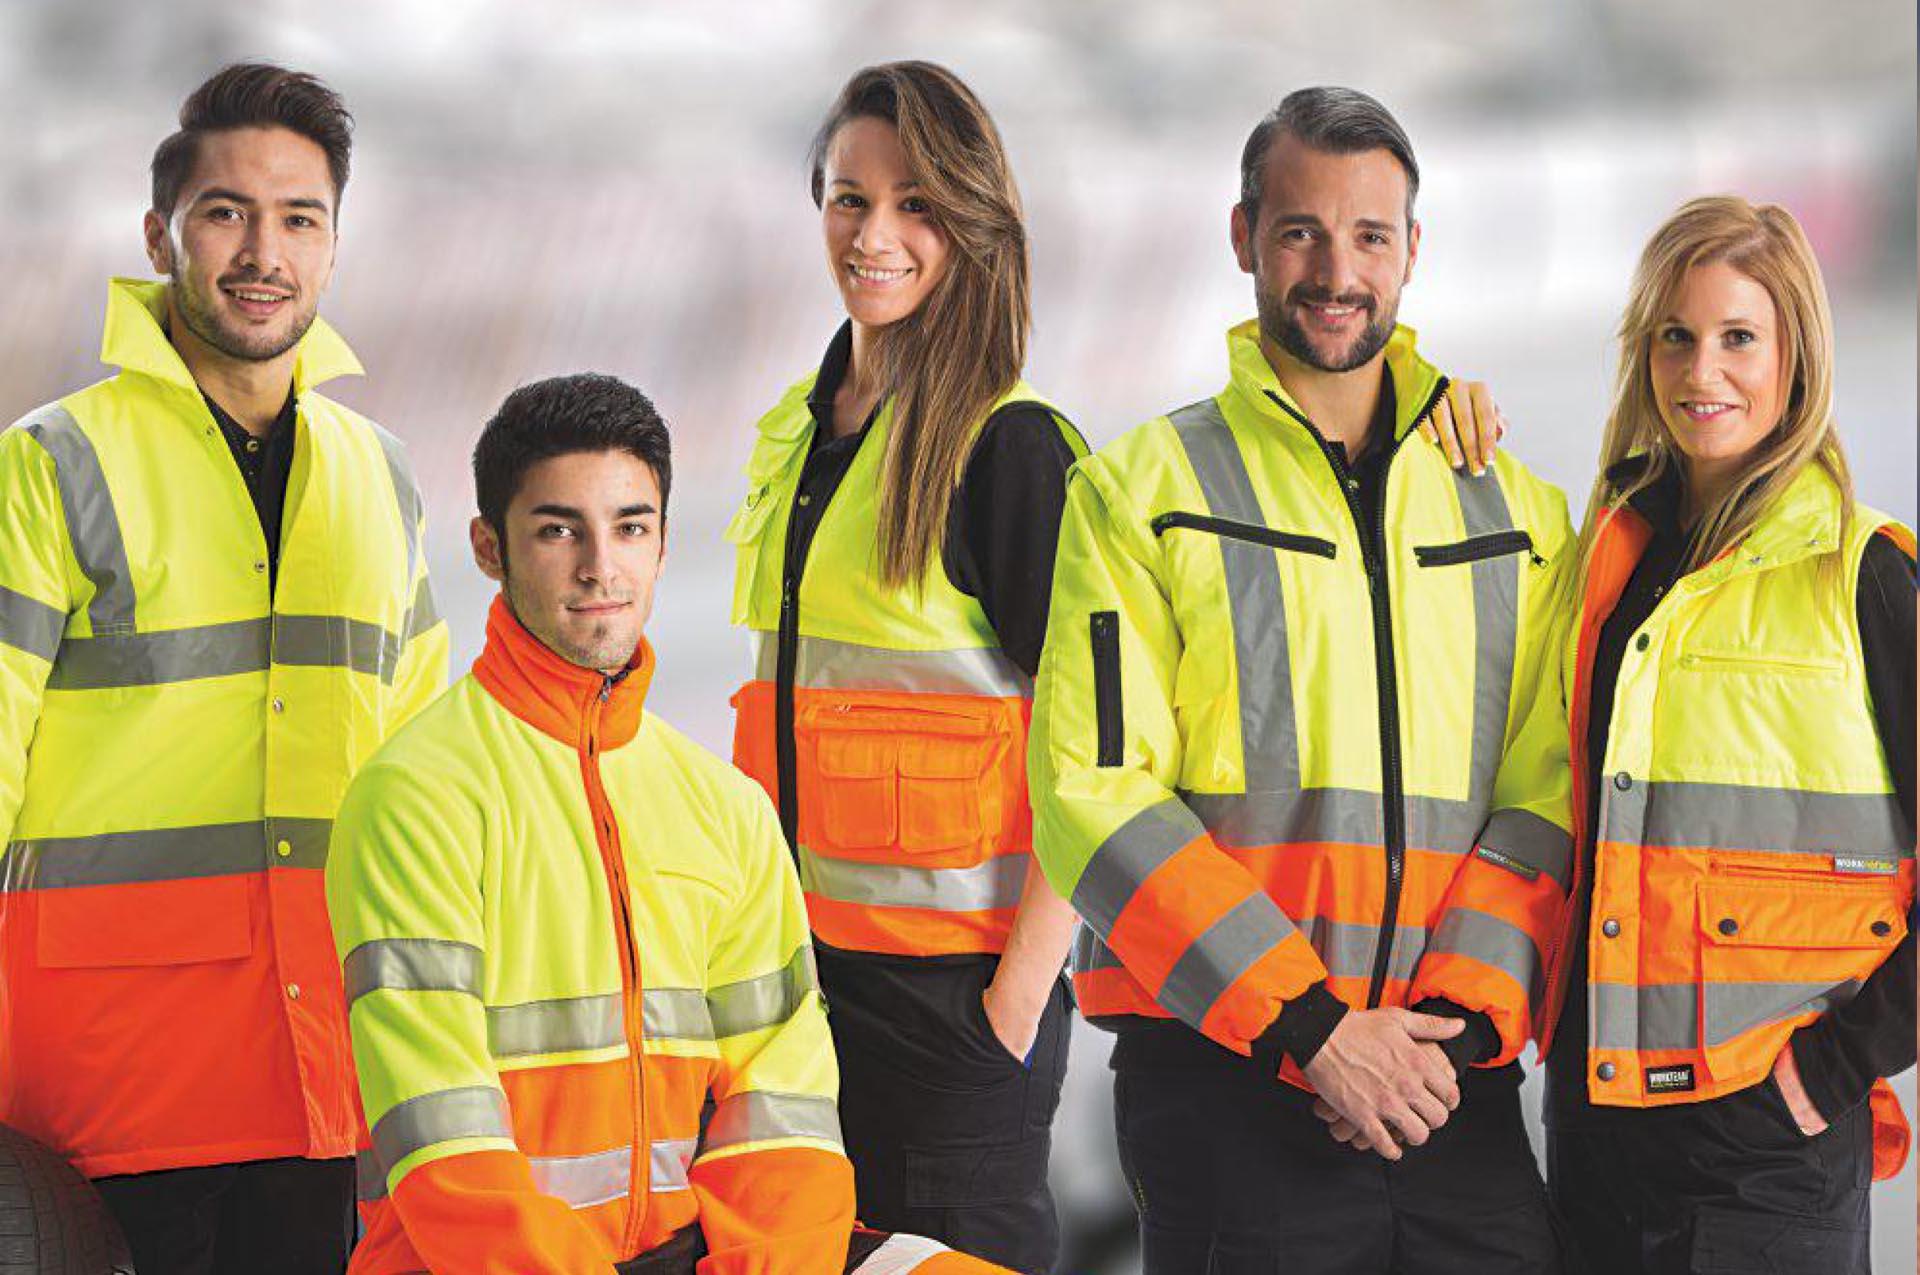 uniformes de seguridad